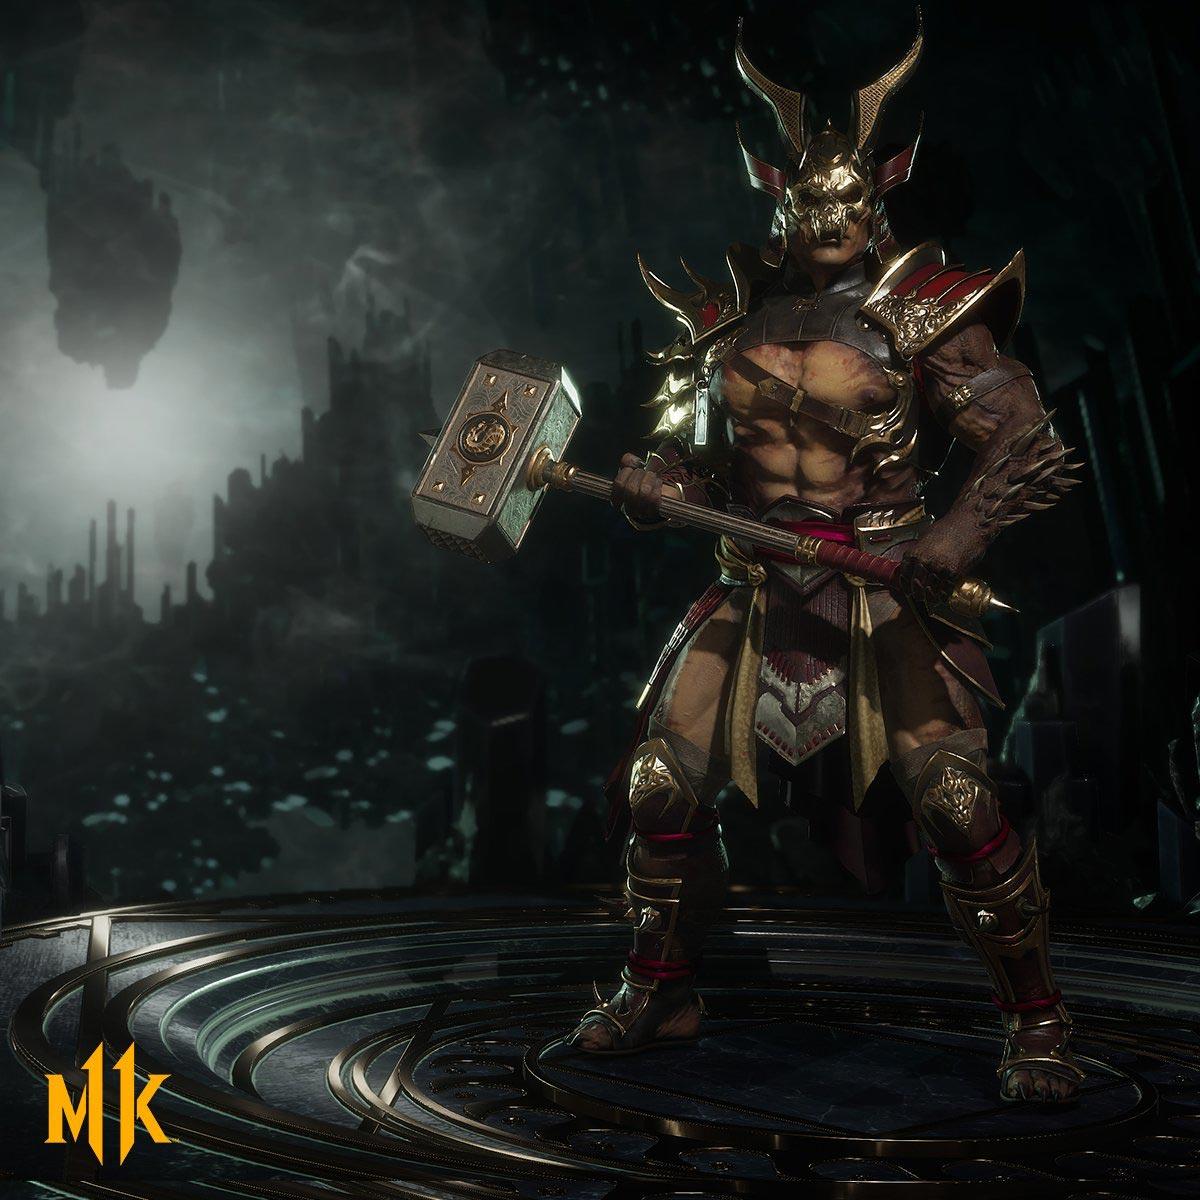 تریلر رسمی معرفی Shao Kahn در بازی Mortal Kombat 11 منتشر شد